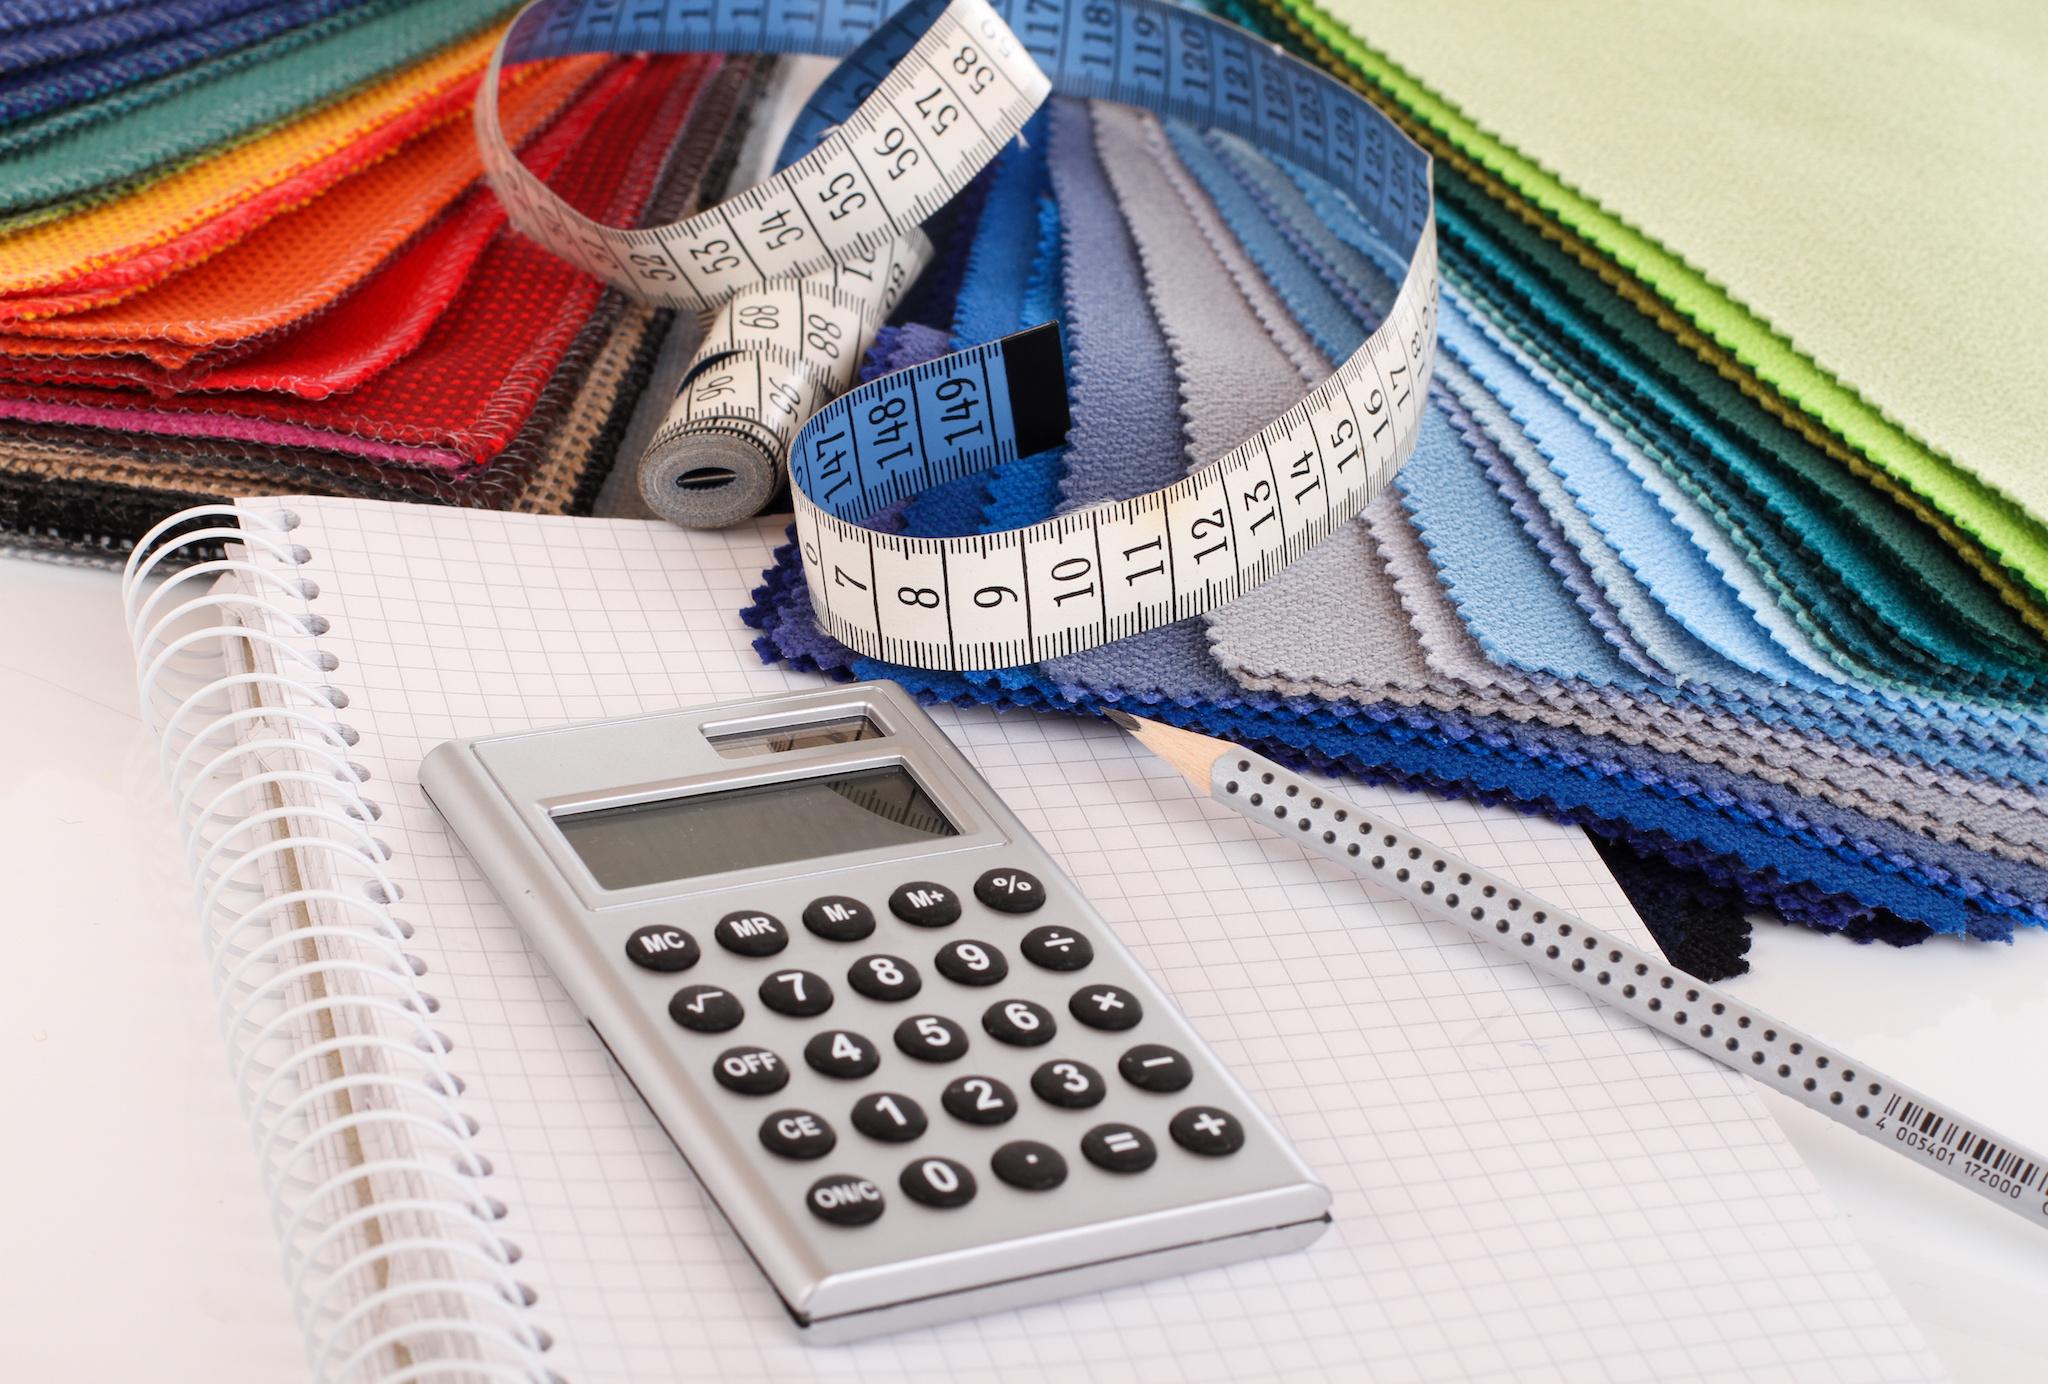 Angebot schreiben, Offerte Vorlagen und Kostenvoranschlag Muster: Das ABC für Angebote schreiben